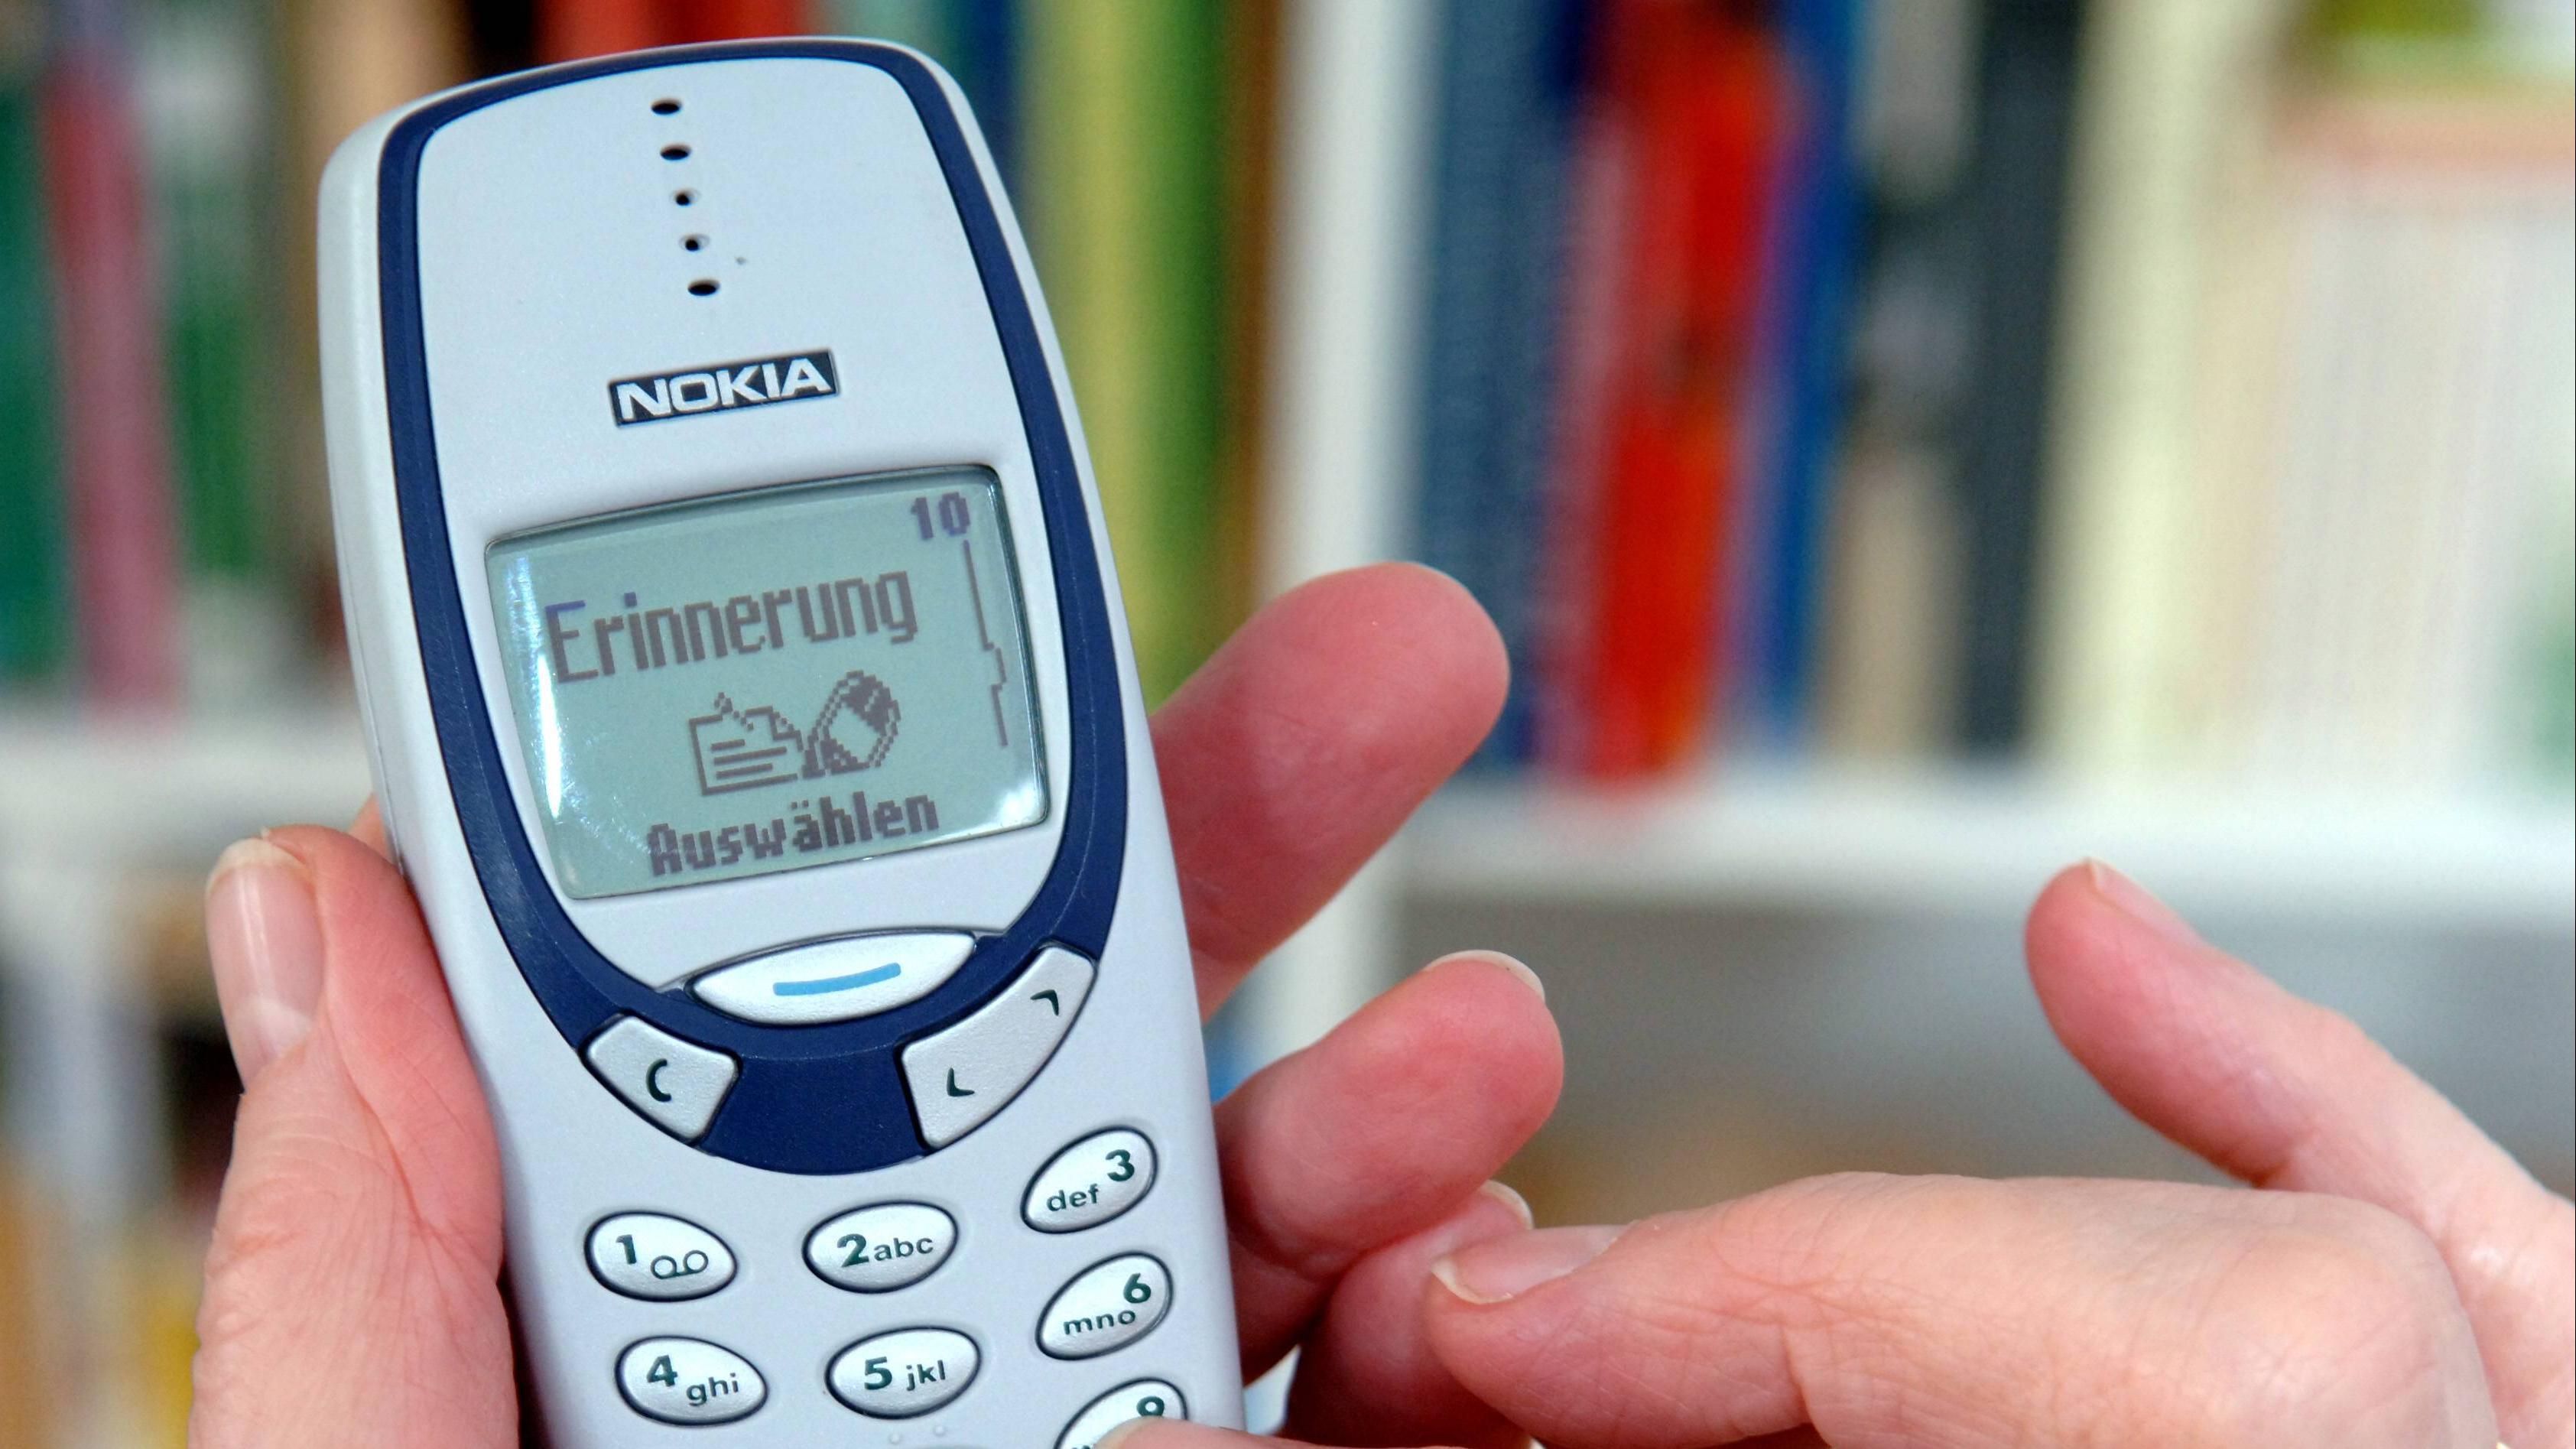 Seit wann gibt es Handys? 1996 mischte Nokia den Markt auf